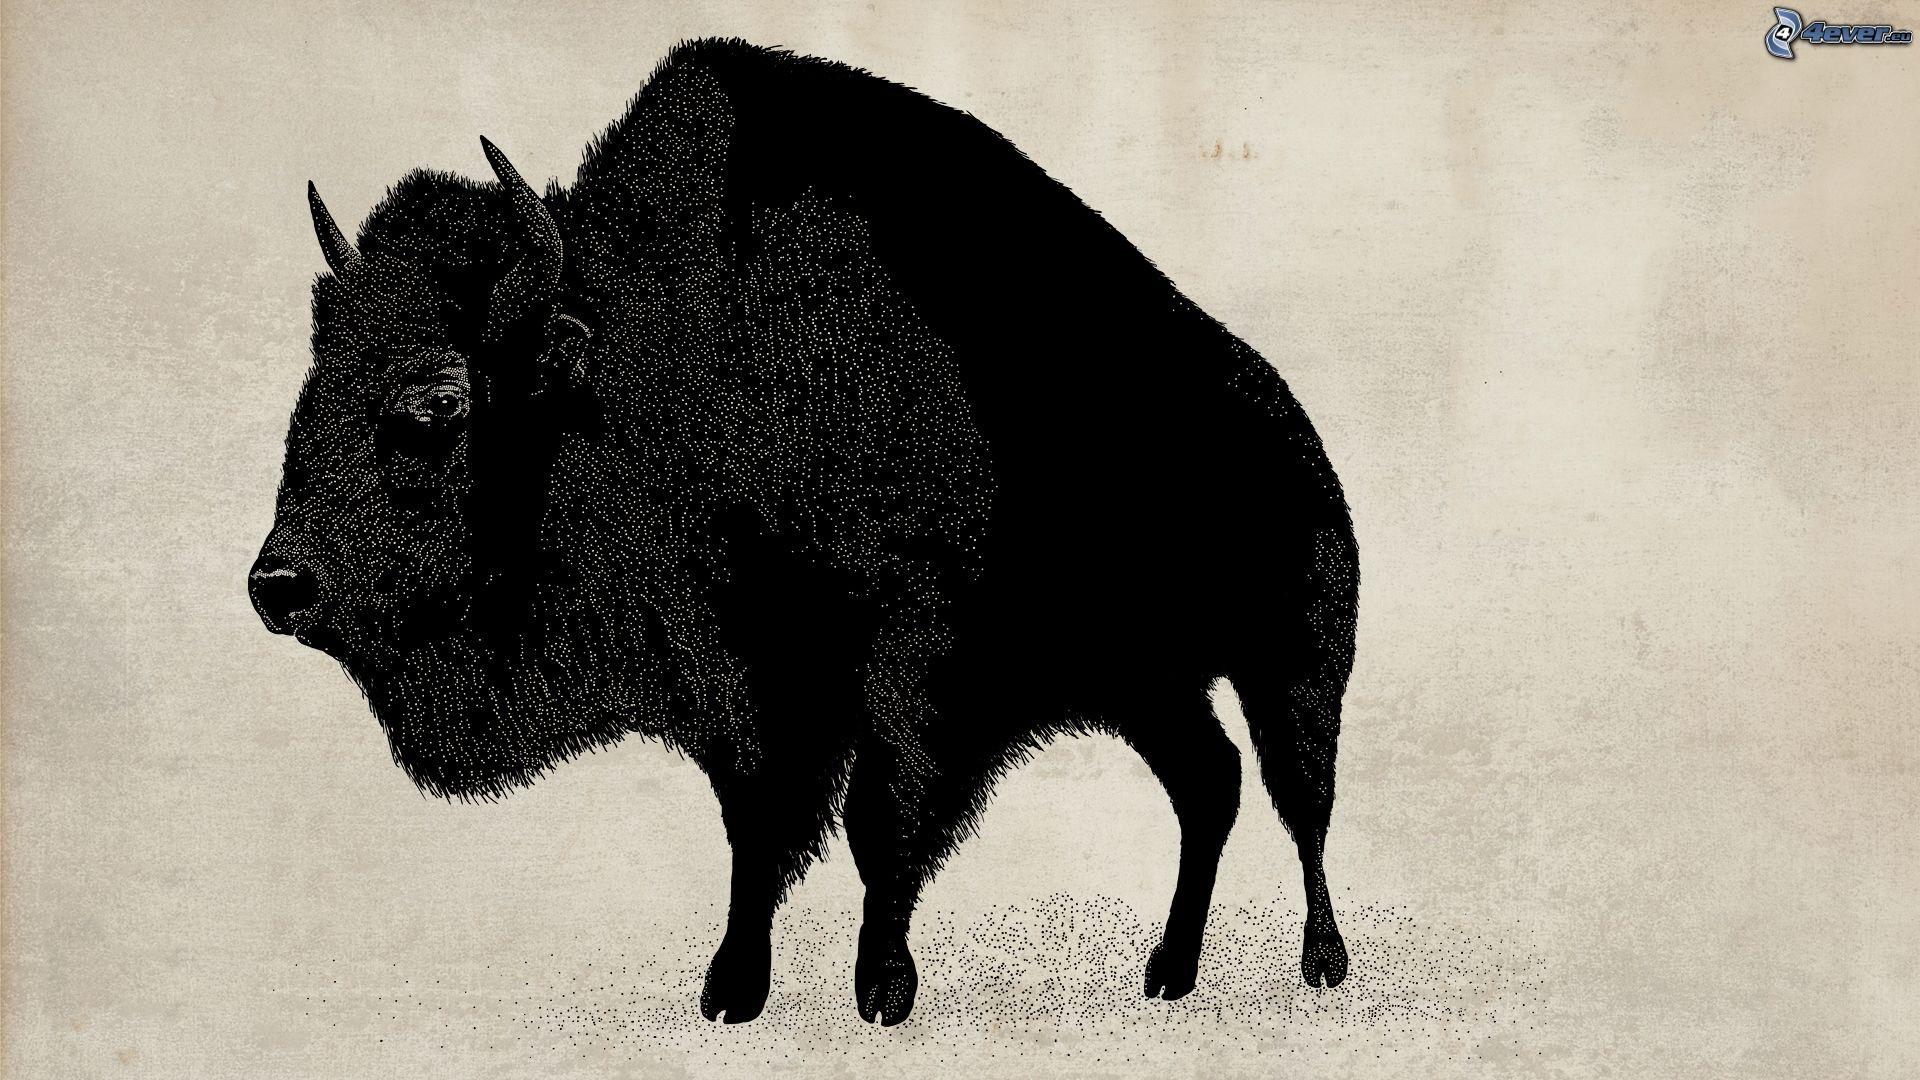 A Bison Parser Download Bison - omget...